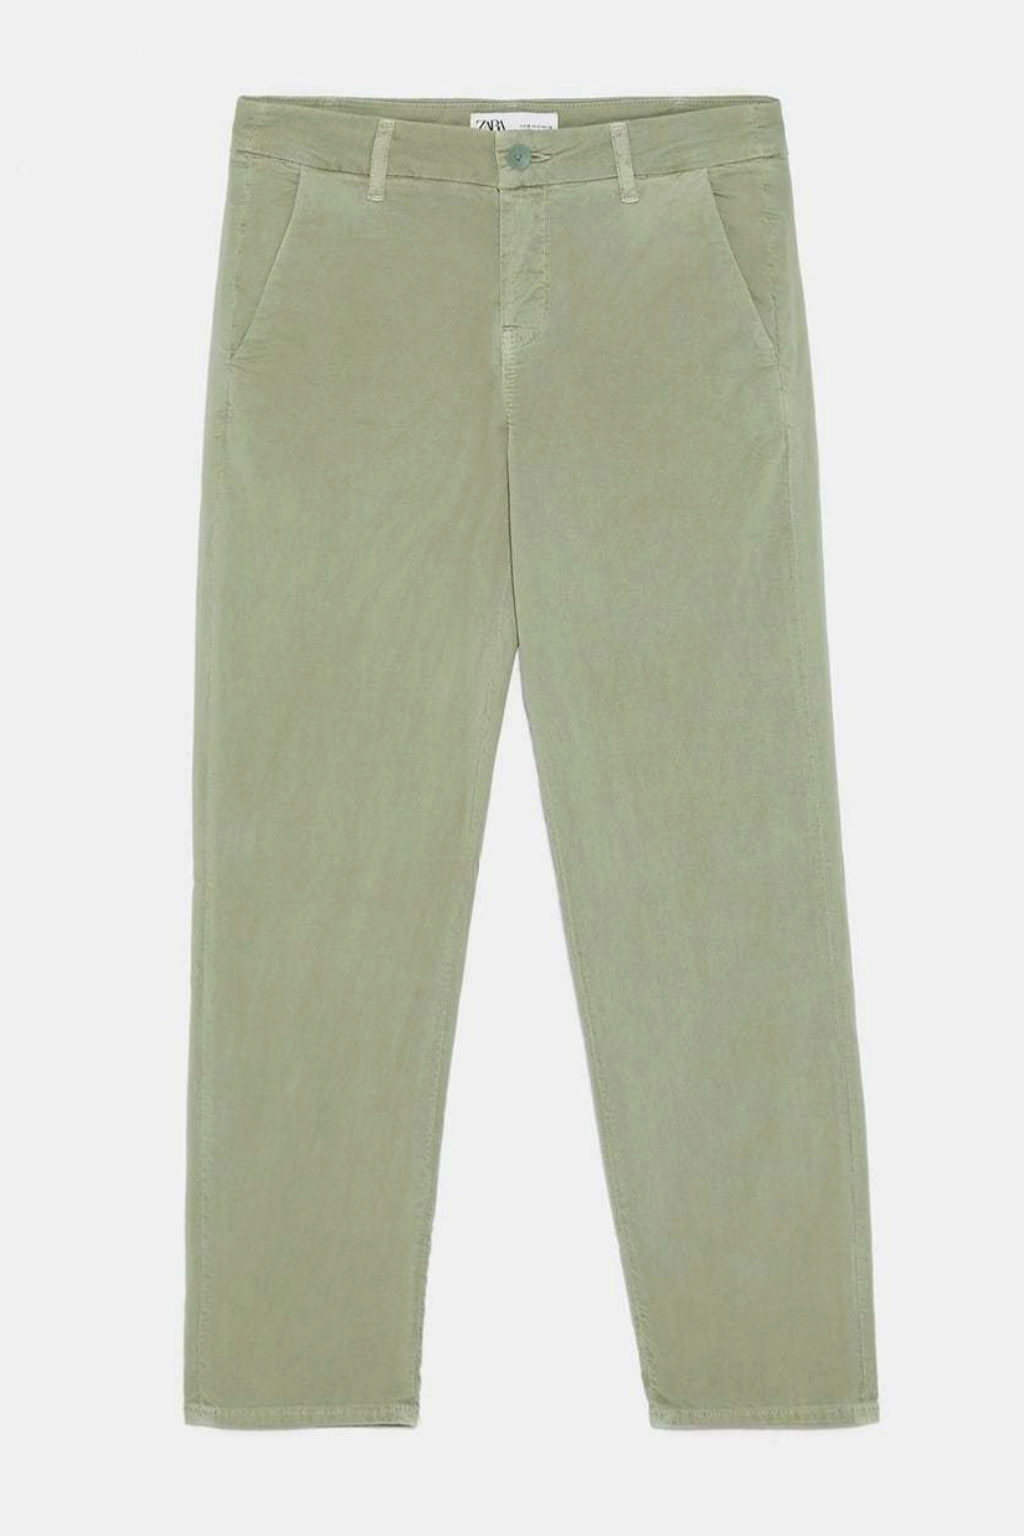 jeans cargo zara